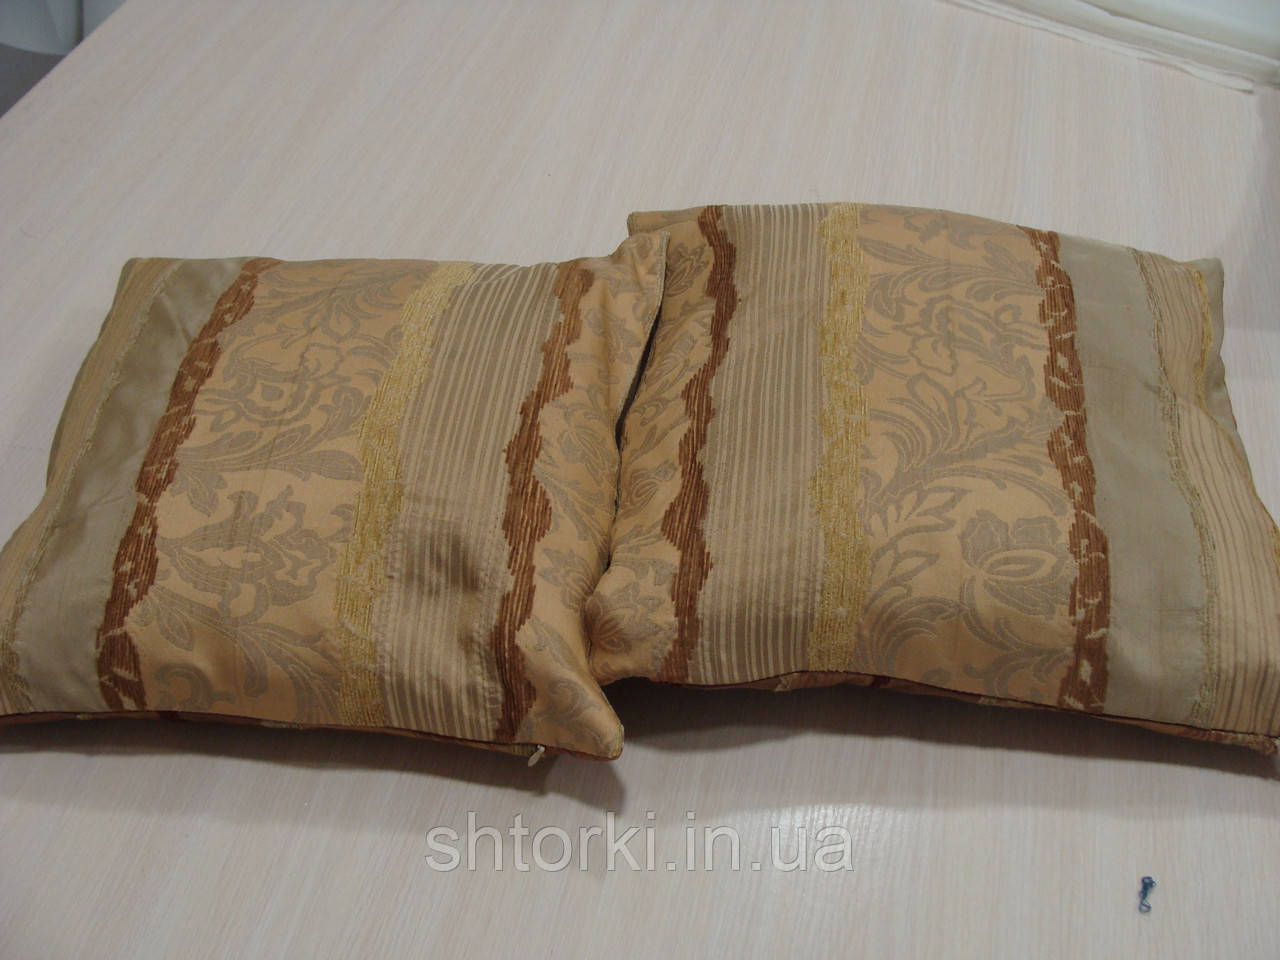 Комплект подушек Рельеф коричневые и песочные, 2 шт